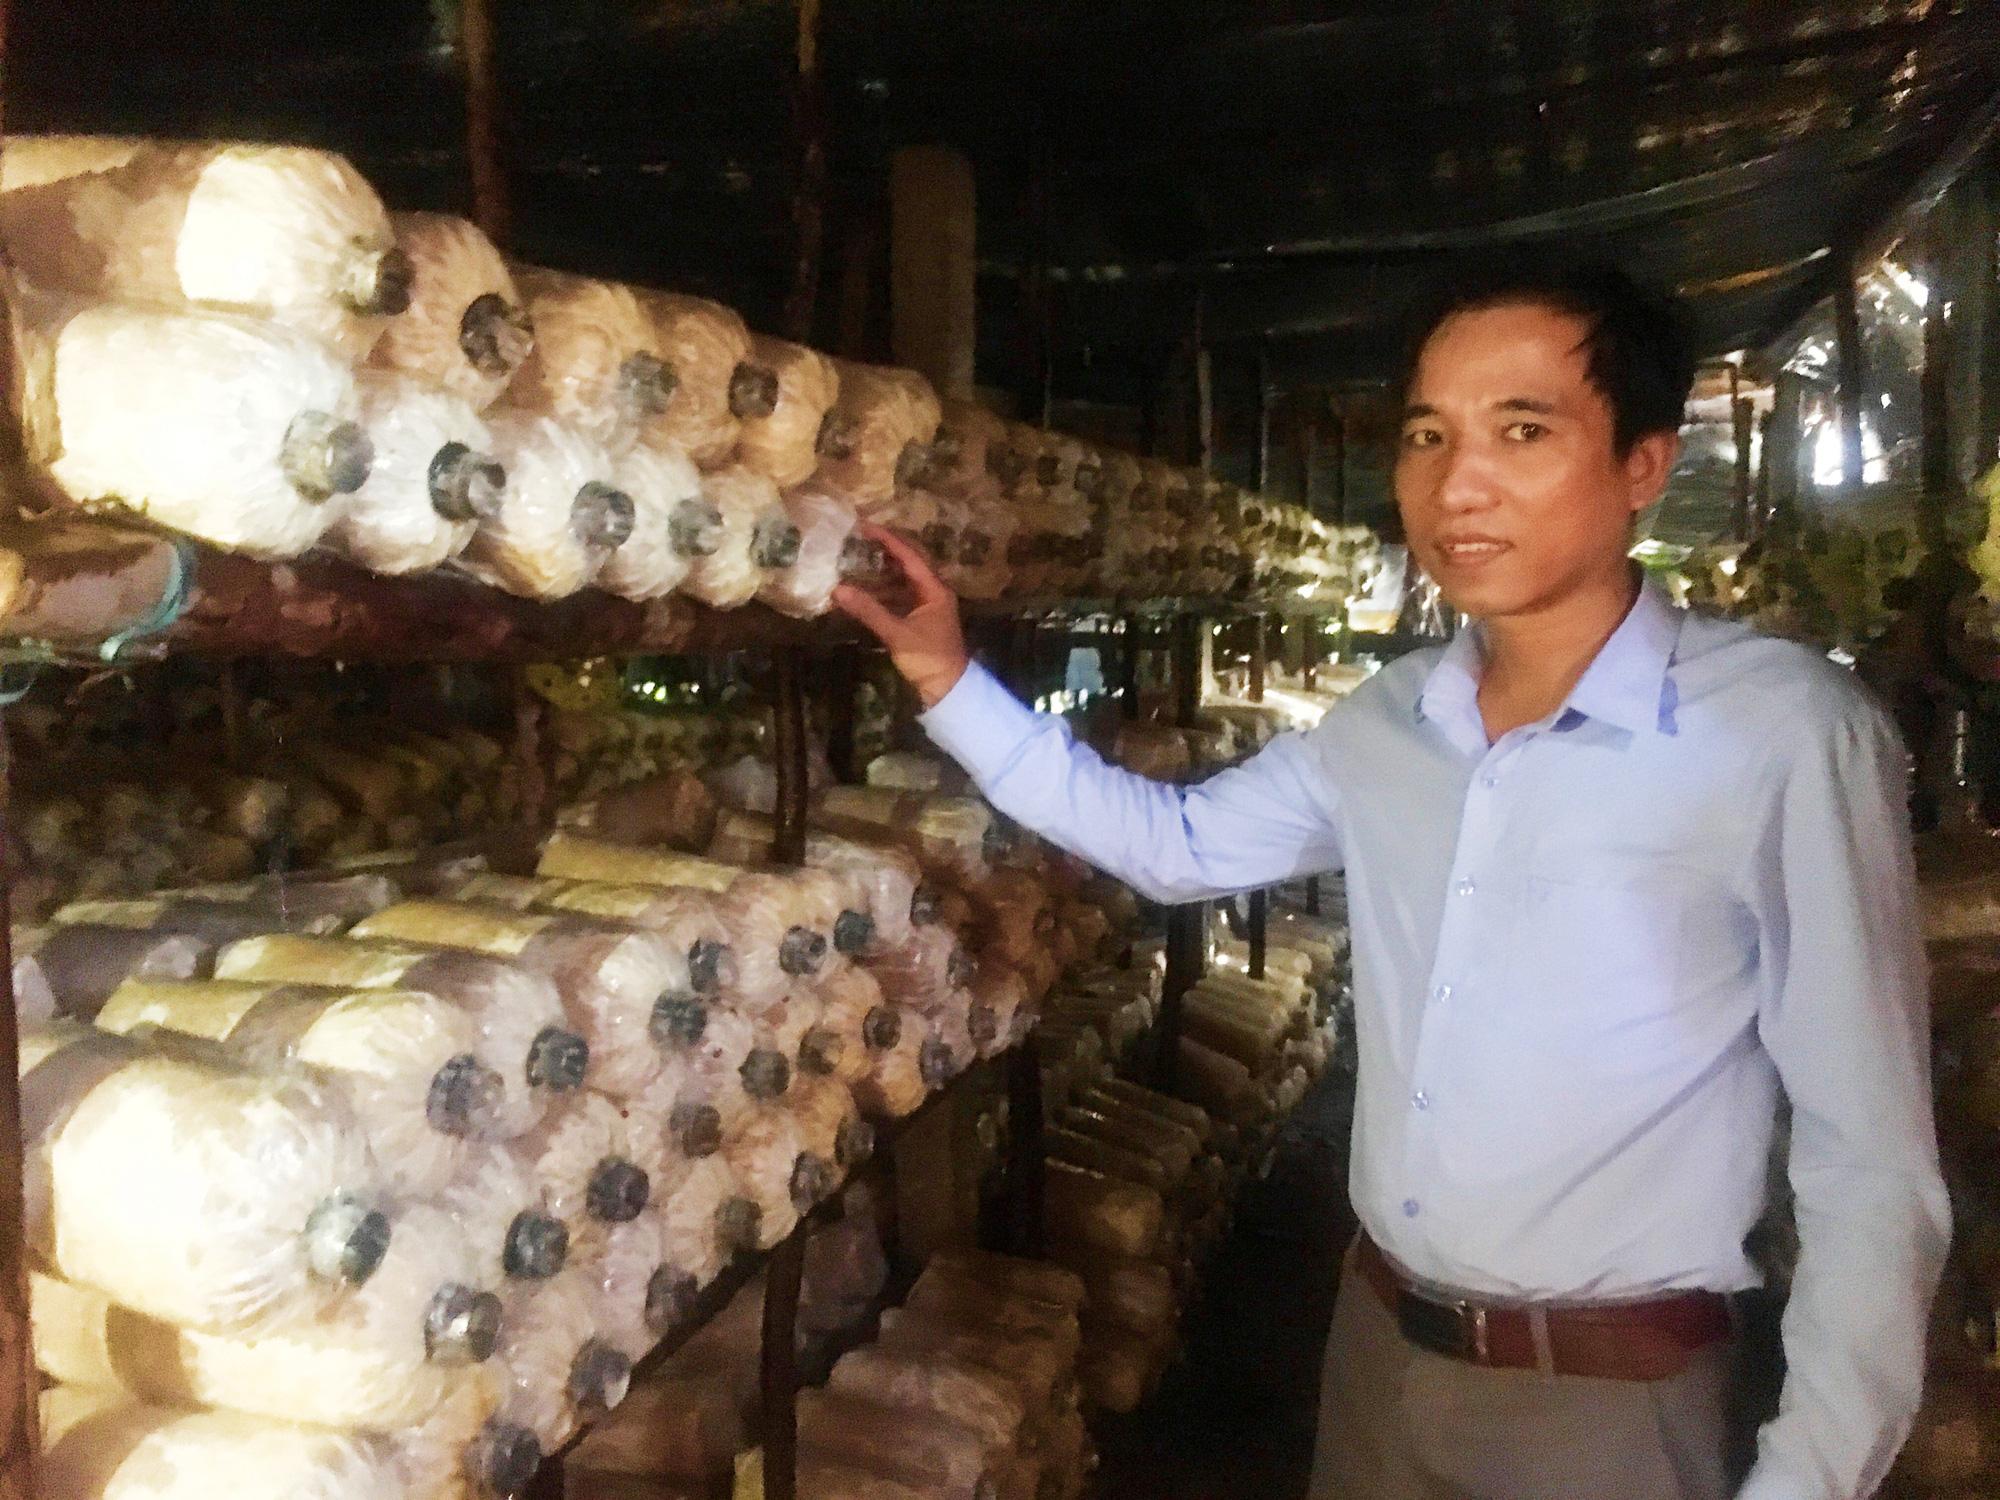 Quảng Bình: Bỏ công việc nhà nước, vợ chồng về quê trồng nấm lãi cả trăm triệu/năm  - Ảnh 4.